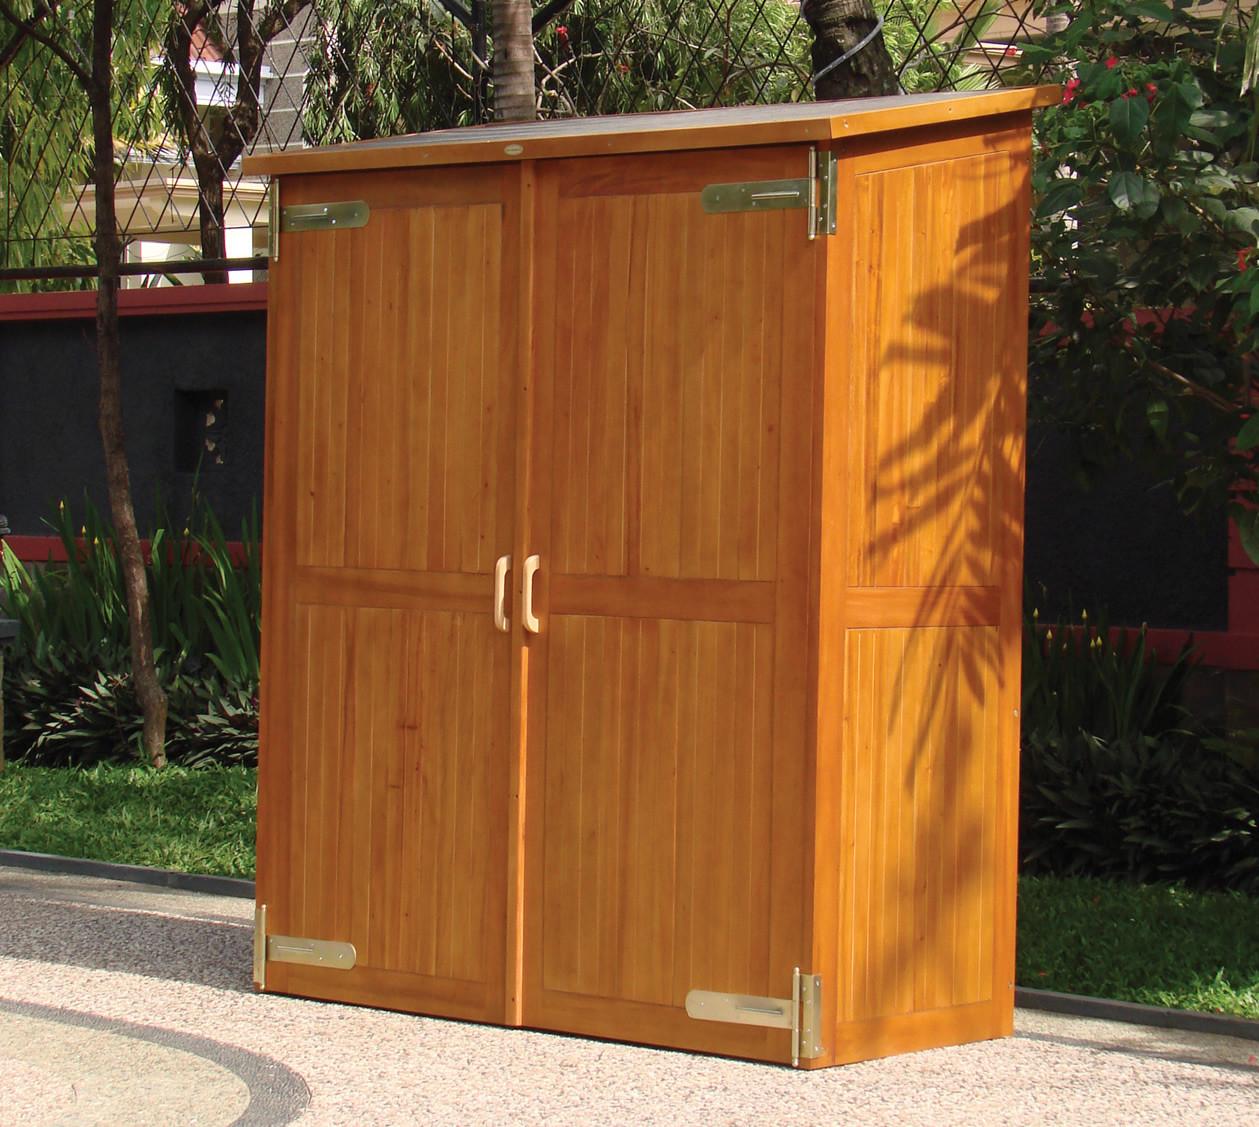 Best ideas about Garden Storage Cabinet . Save or Pin Hardwood Garden Storage Cabinet Now.